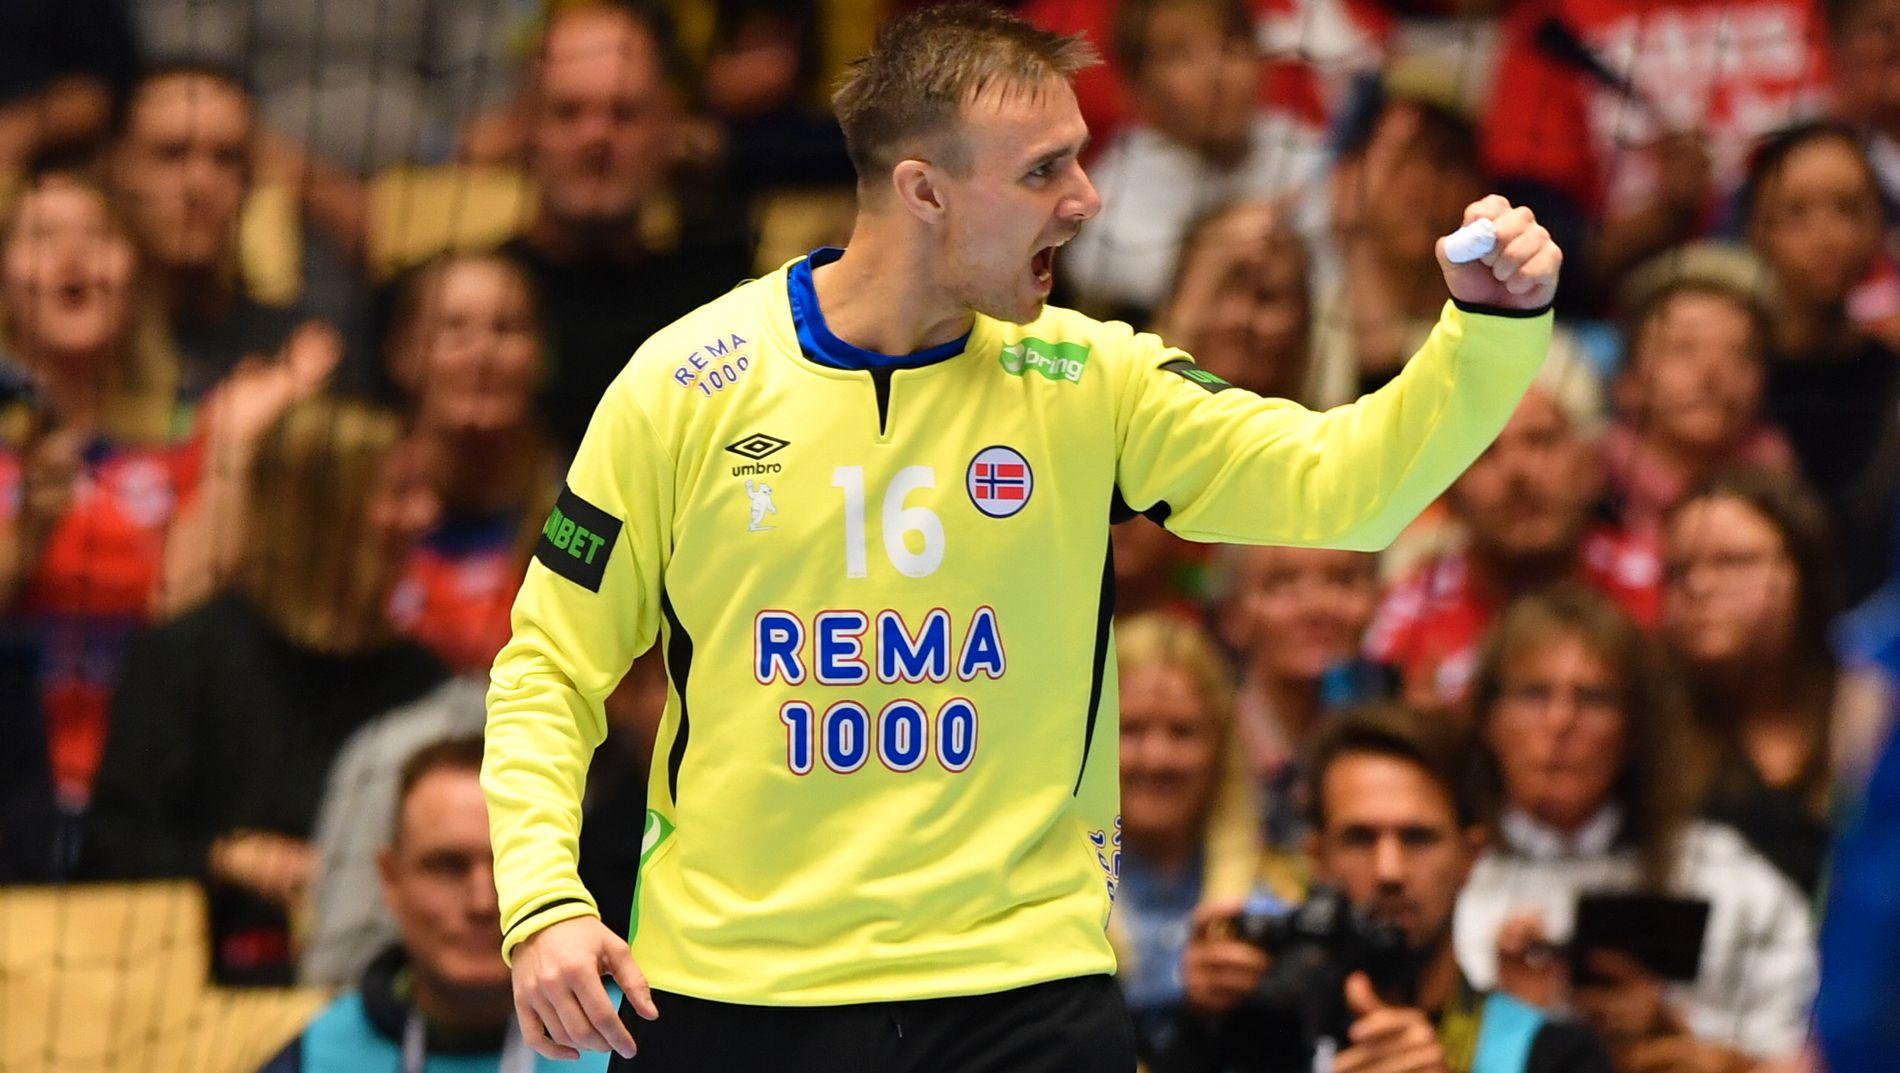 DAGENS MANN: Espen Christensen fulgte opp Torbjørn Bergeruds storspill i VM.